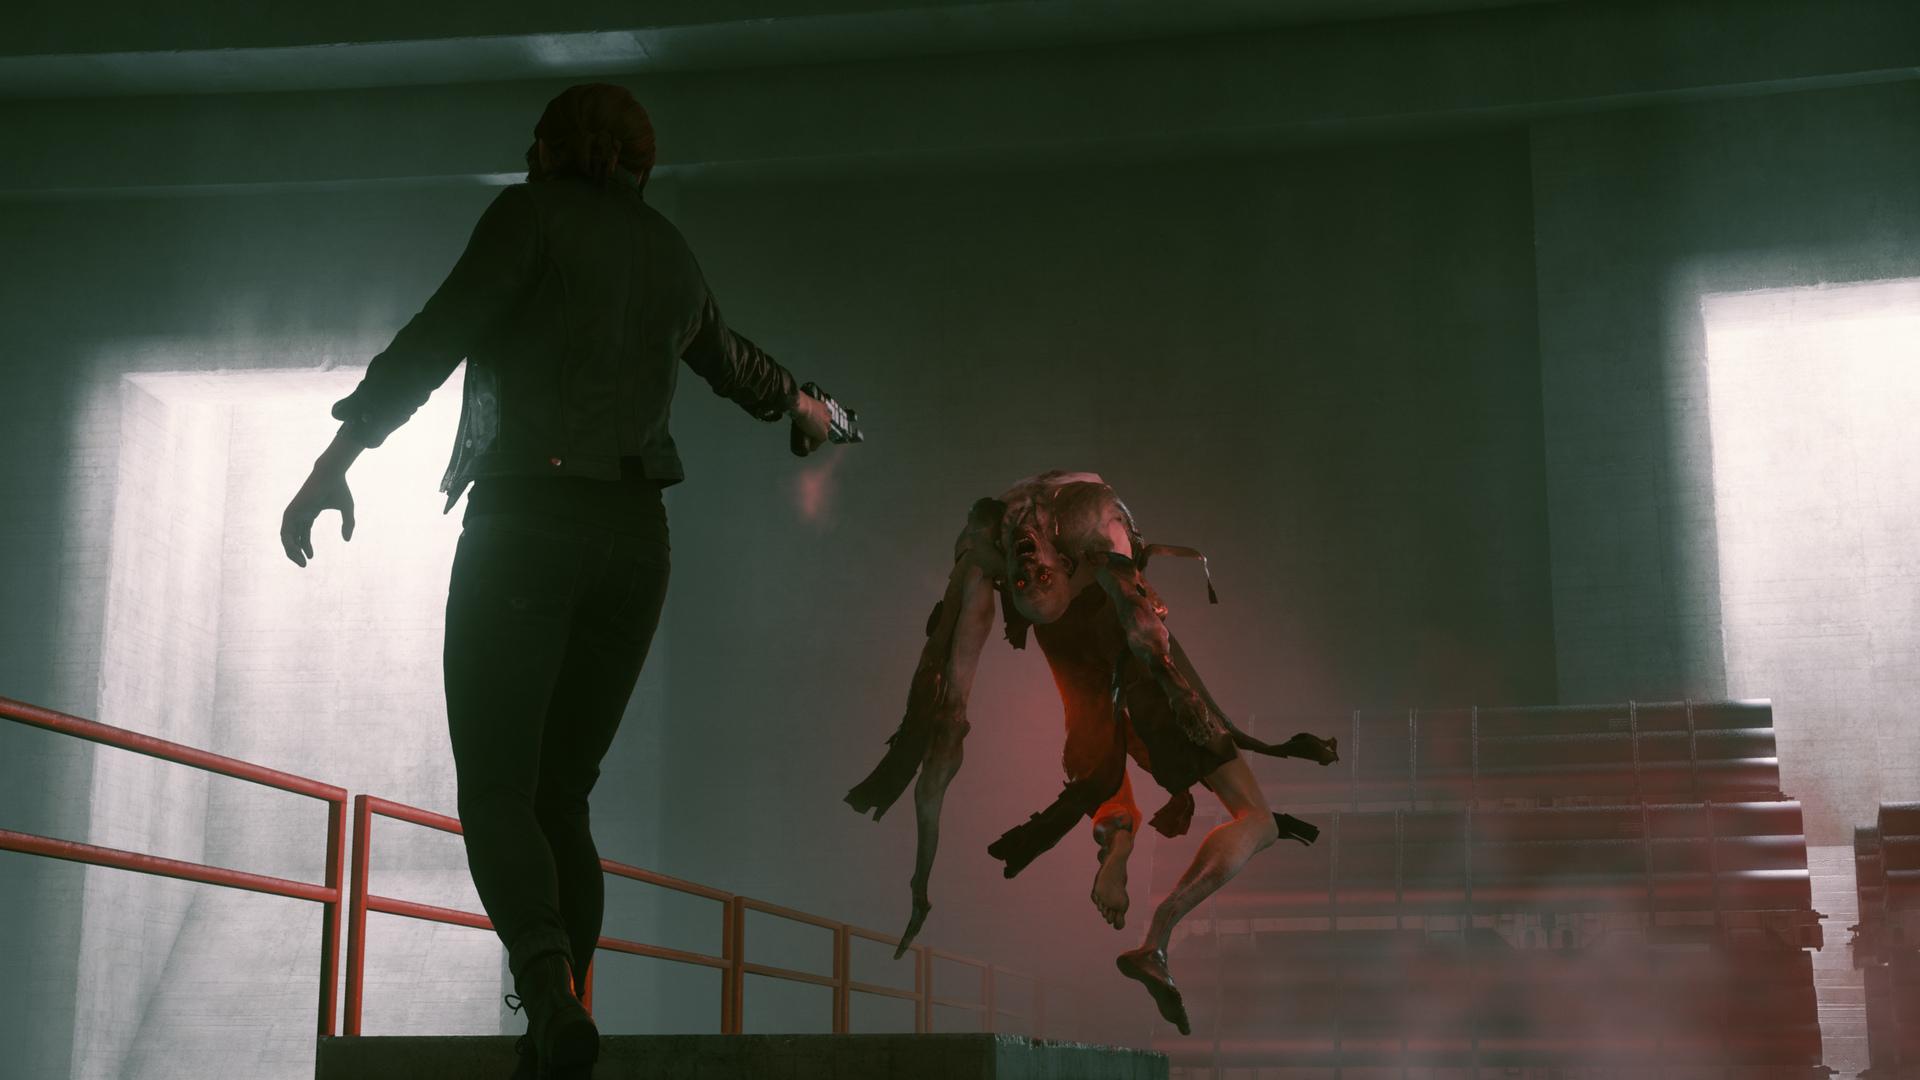 Remedy年度新作《控制》E3 2019精致截图公布